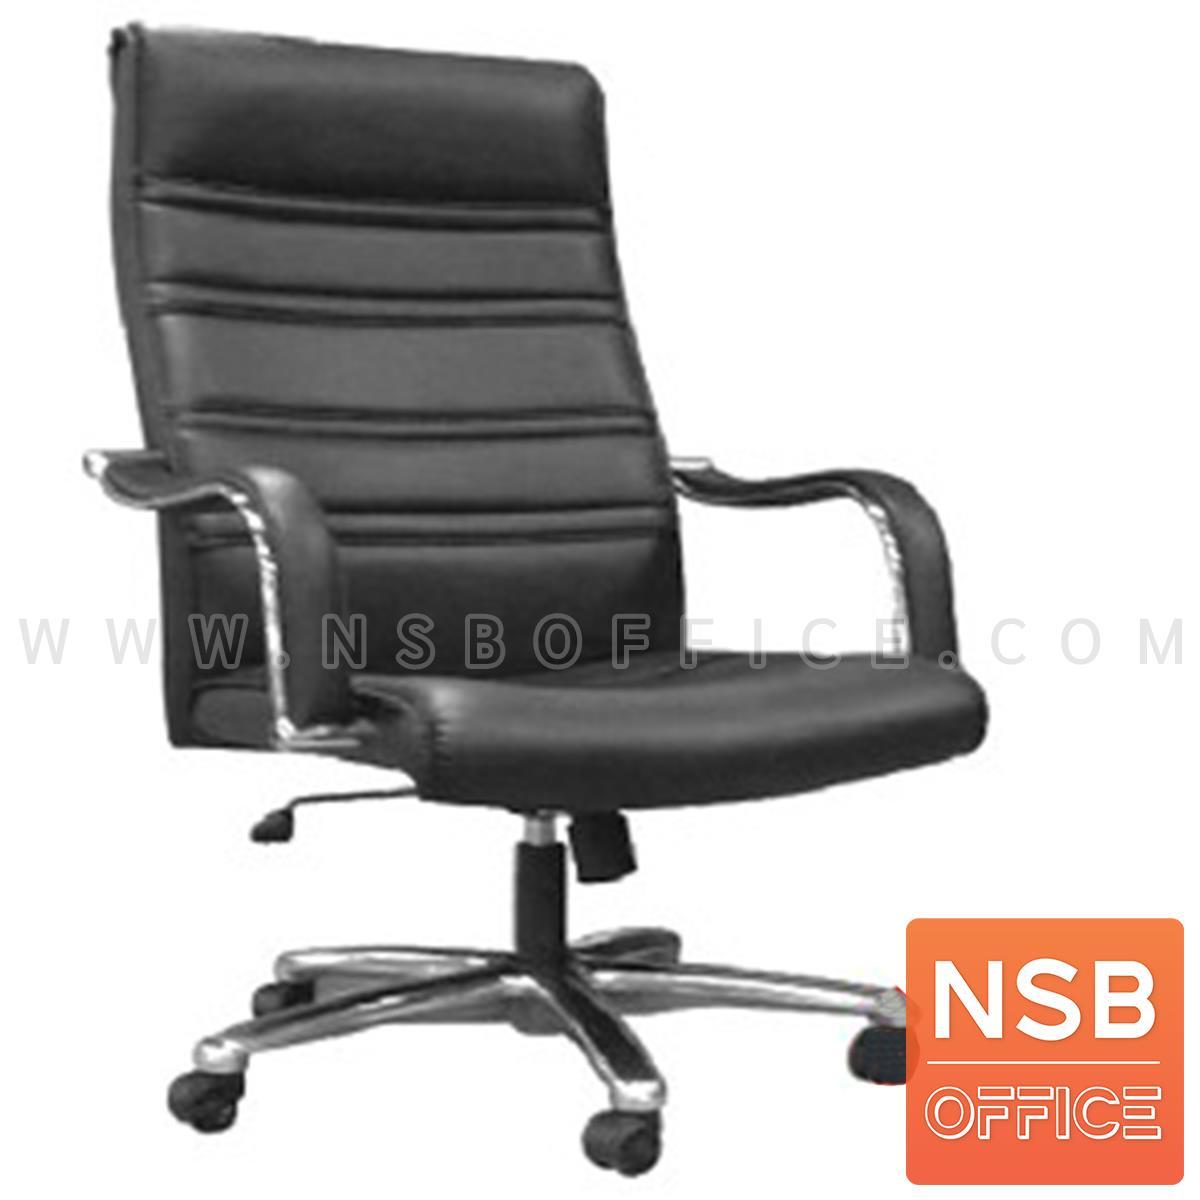 B26A144:เก้าอี้สำนักงาน รุ่น Fontina (ฟอนติน่า)  โช๊คแก๊ส ก้อนโยก ขาอลูมิเนียม